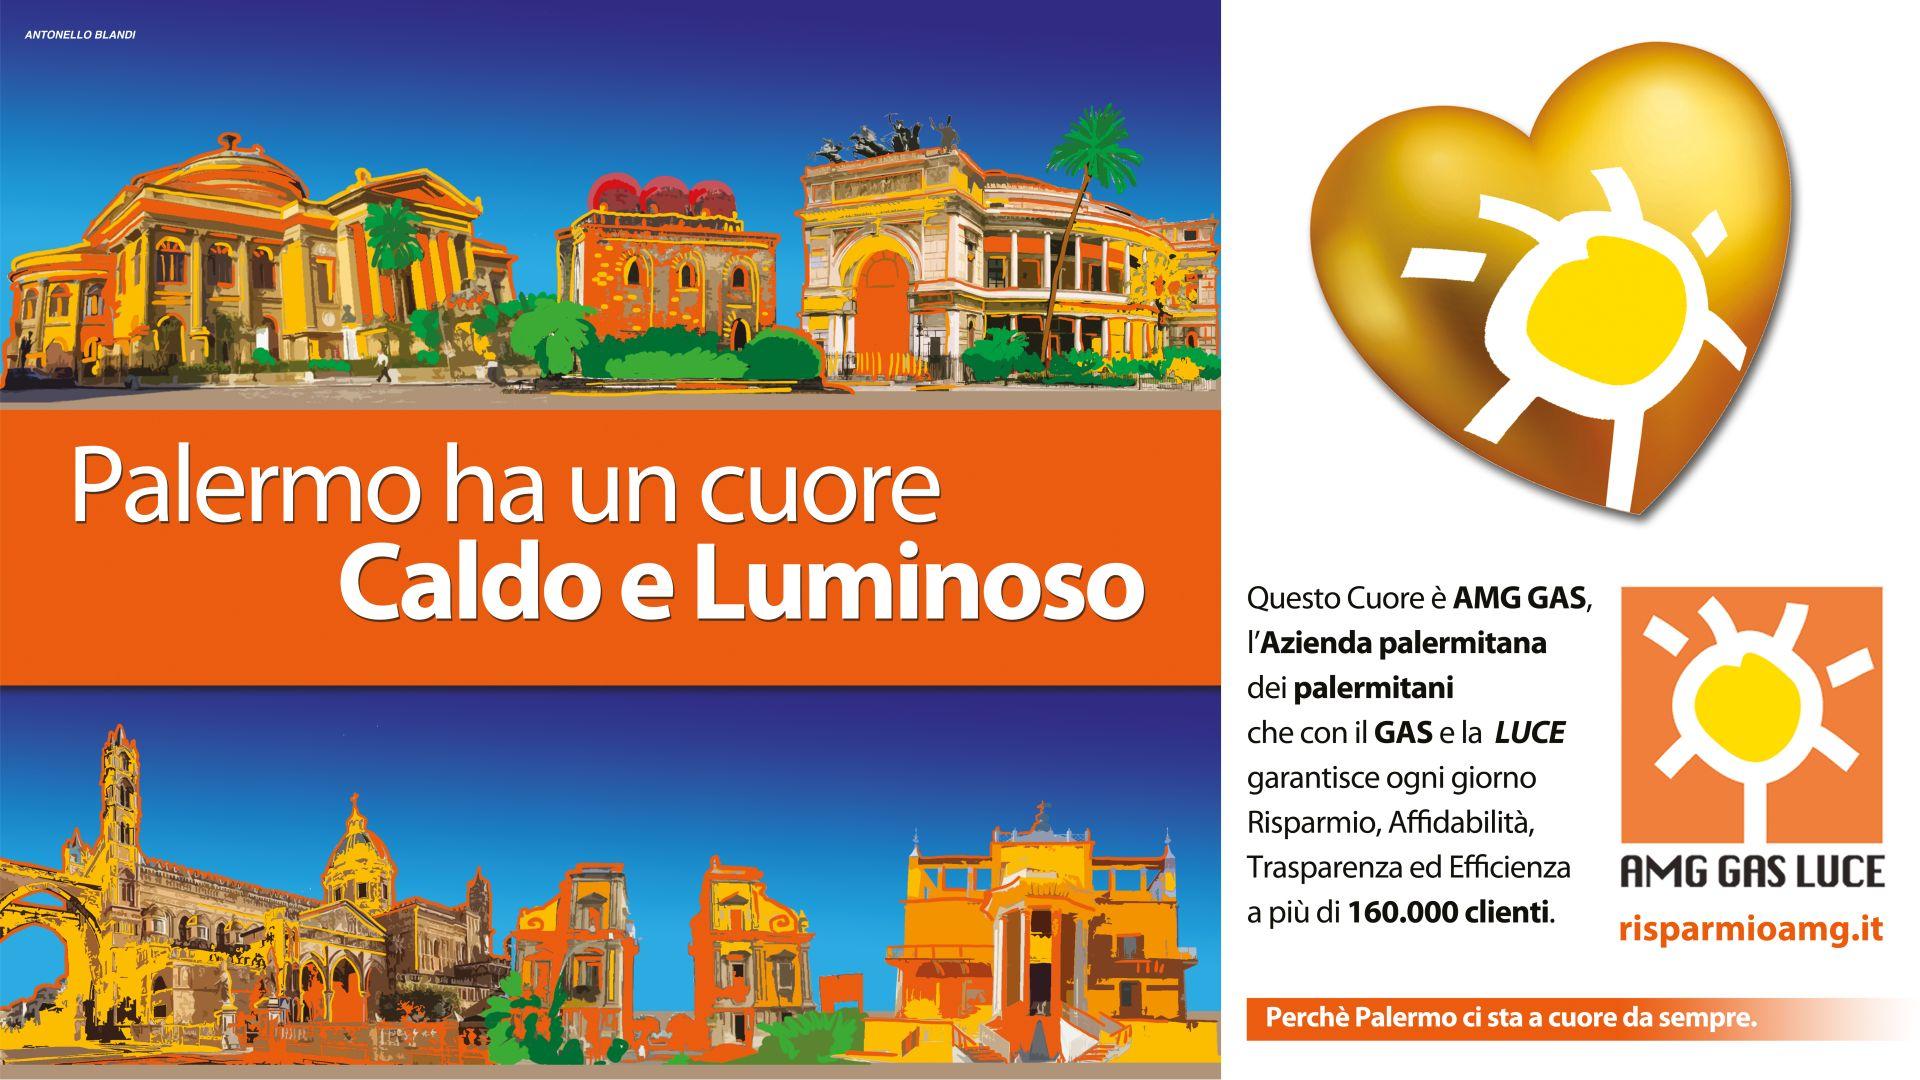 Palermo Ha un cuore Caldo e Luminoso